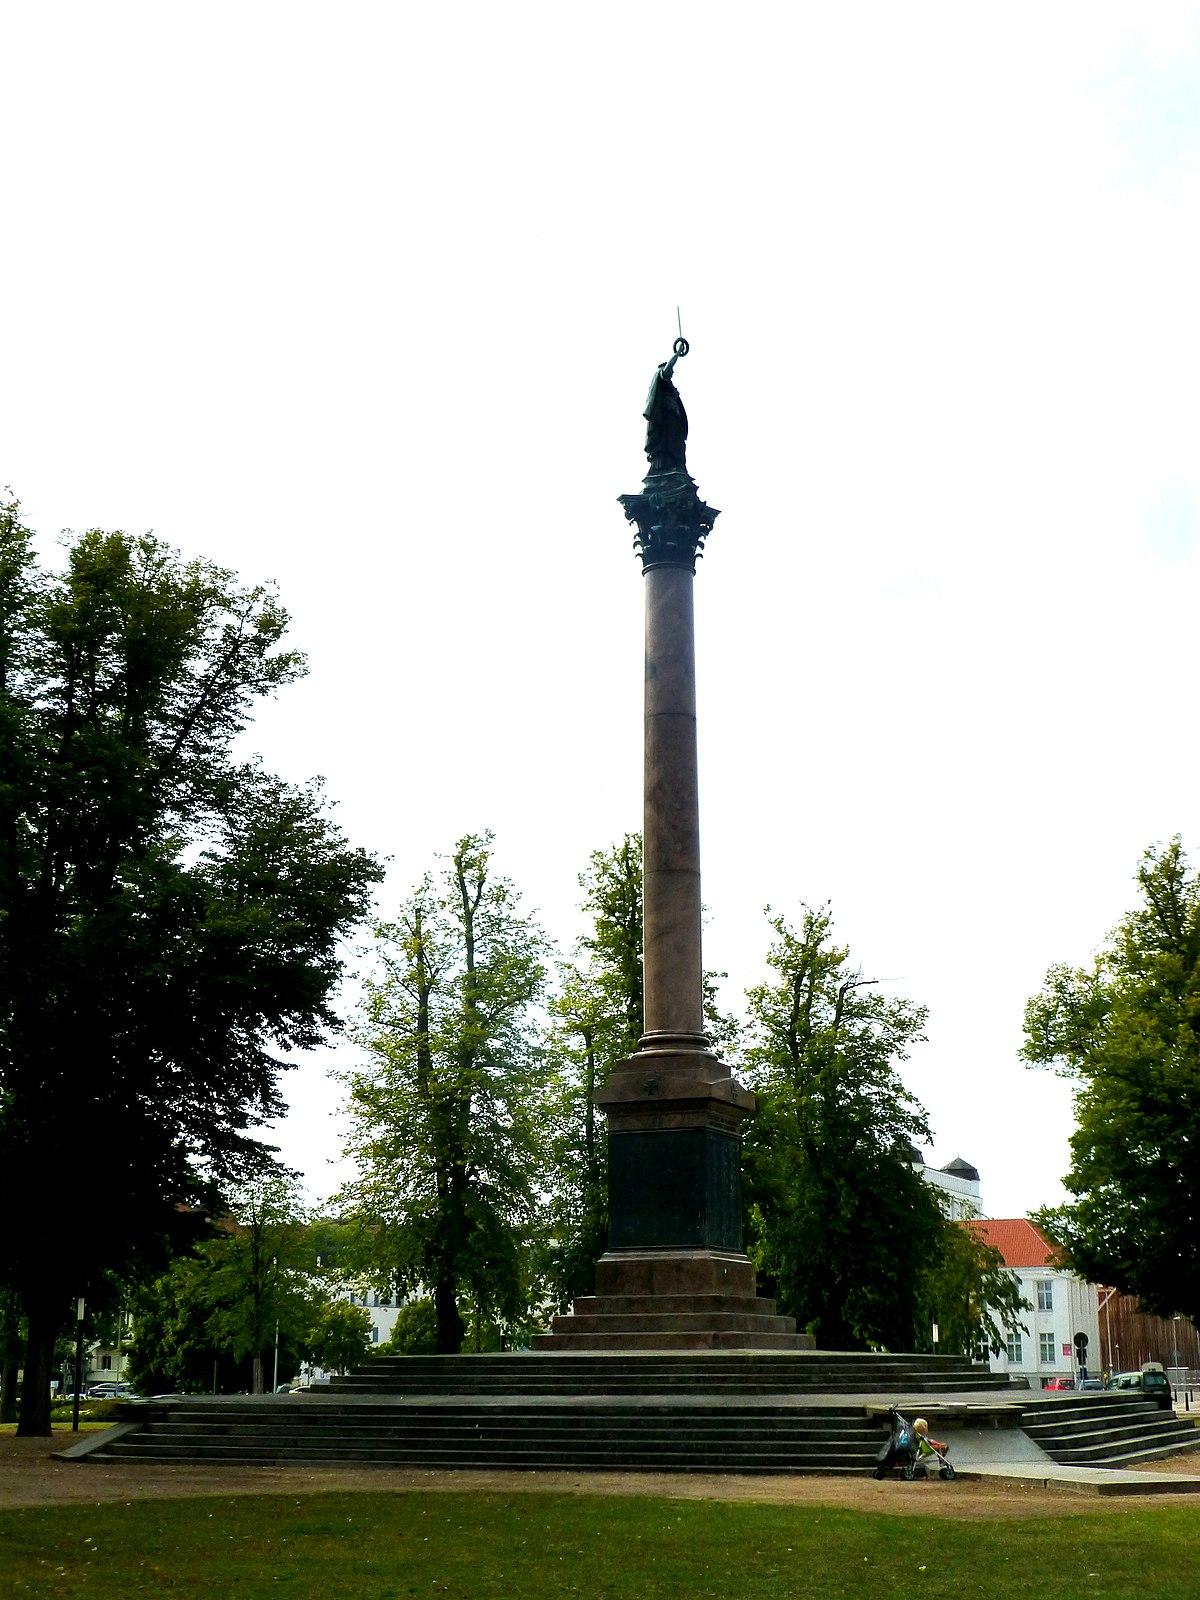 Siegessäule Schwerin